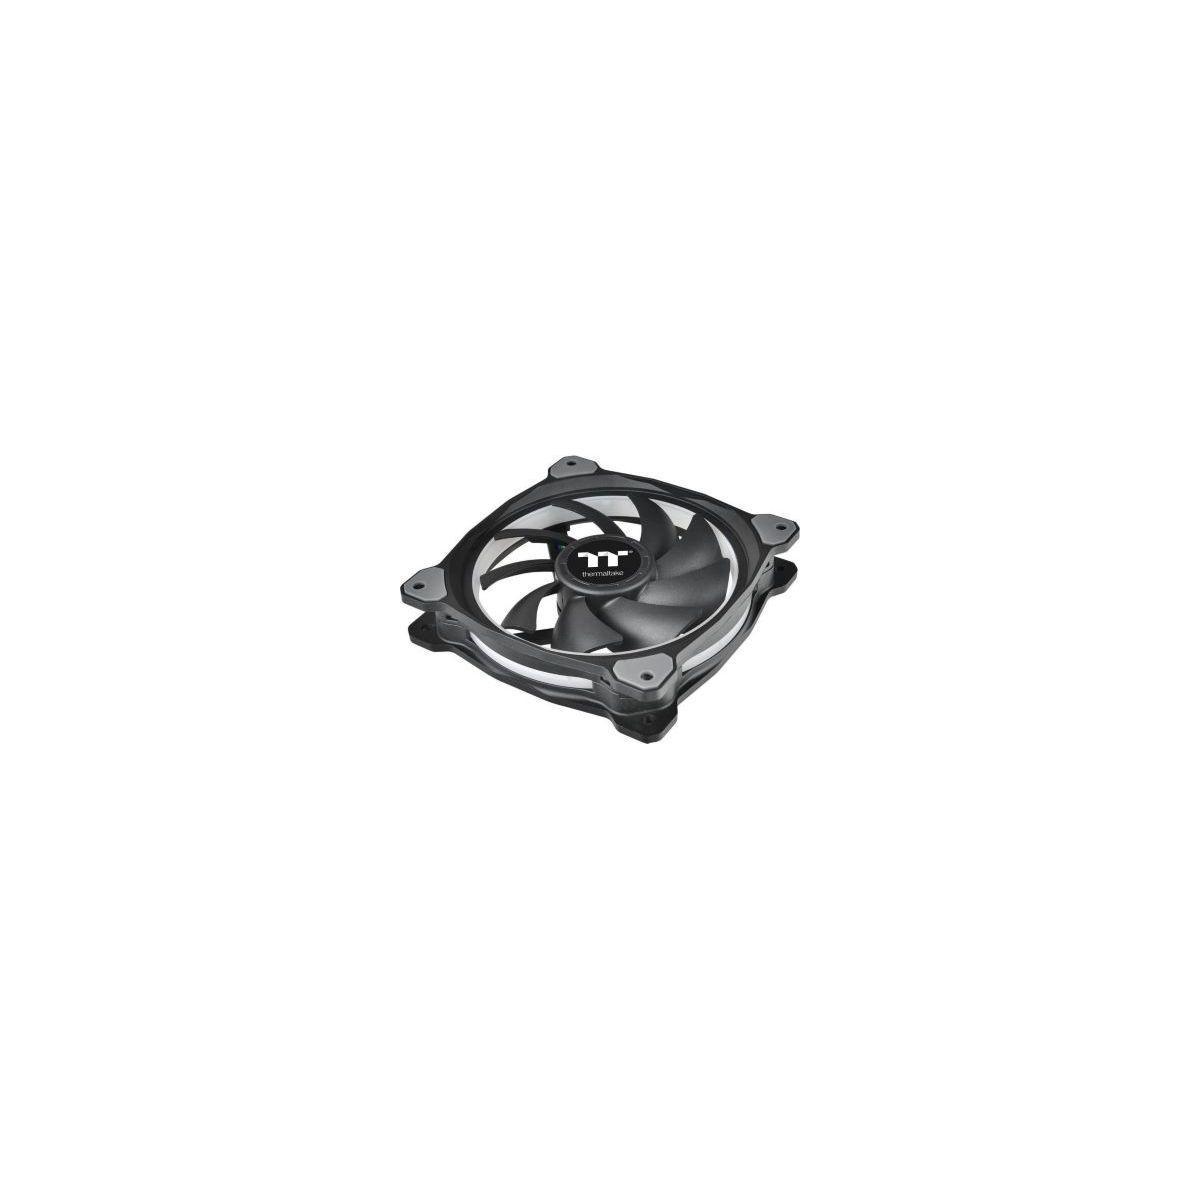 Ventilateur pc thermaltake riing plus 14 rgb 3 pack - 20% de remise imm�diate avec le code : deal20 (photo)